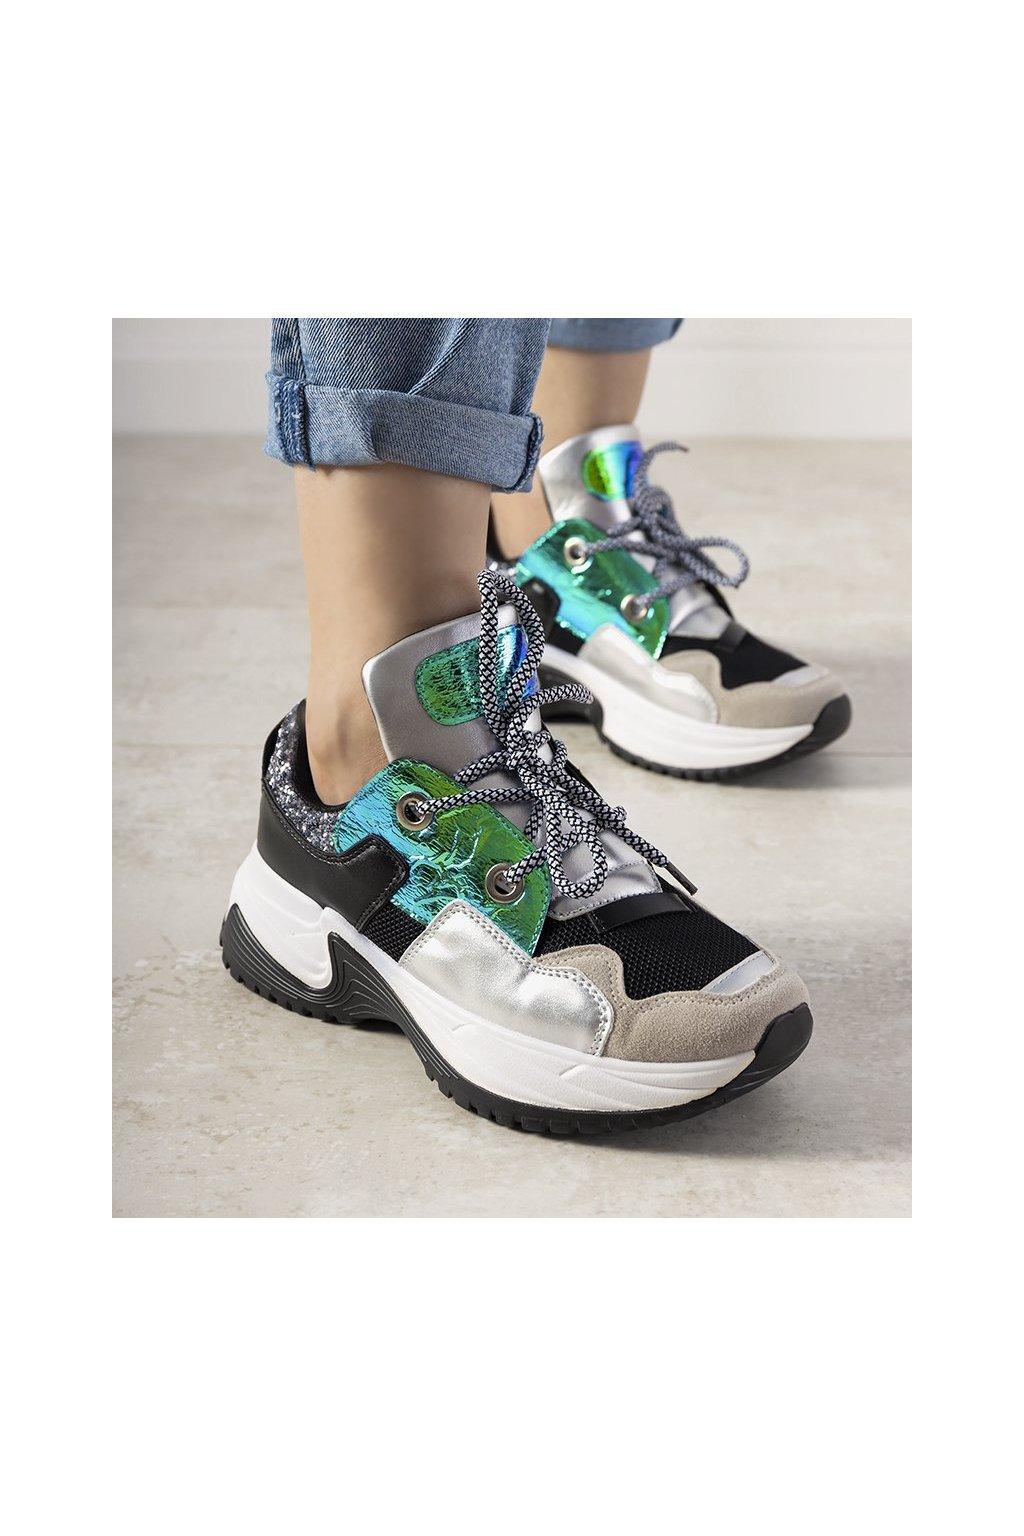 Dámske topánky tenisky sivé kód E2012 - GM